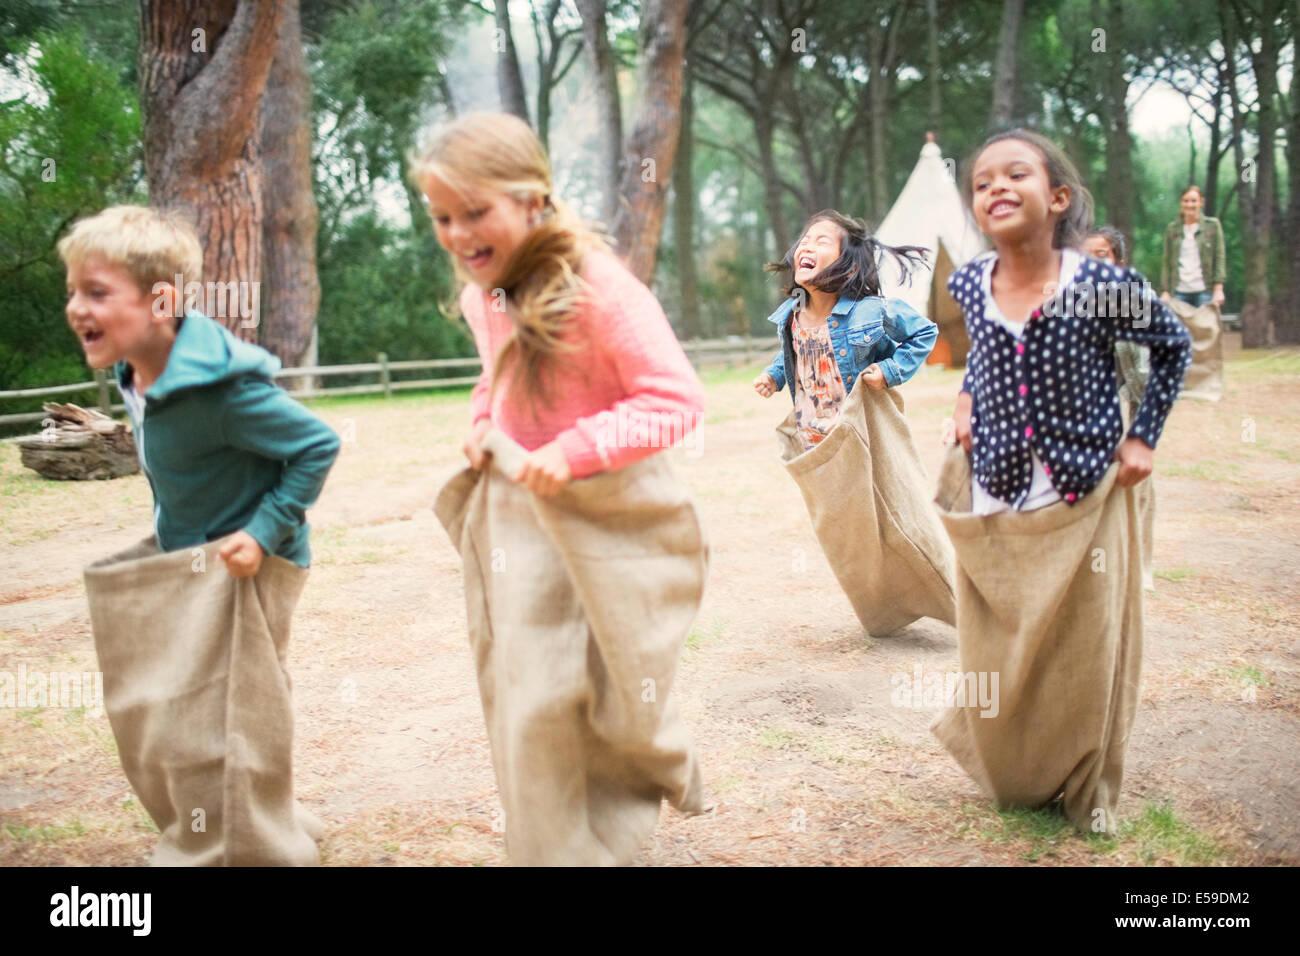 Kinder mit Sackhüpfen im Feld Stockfoto